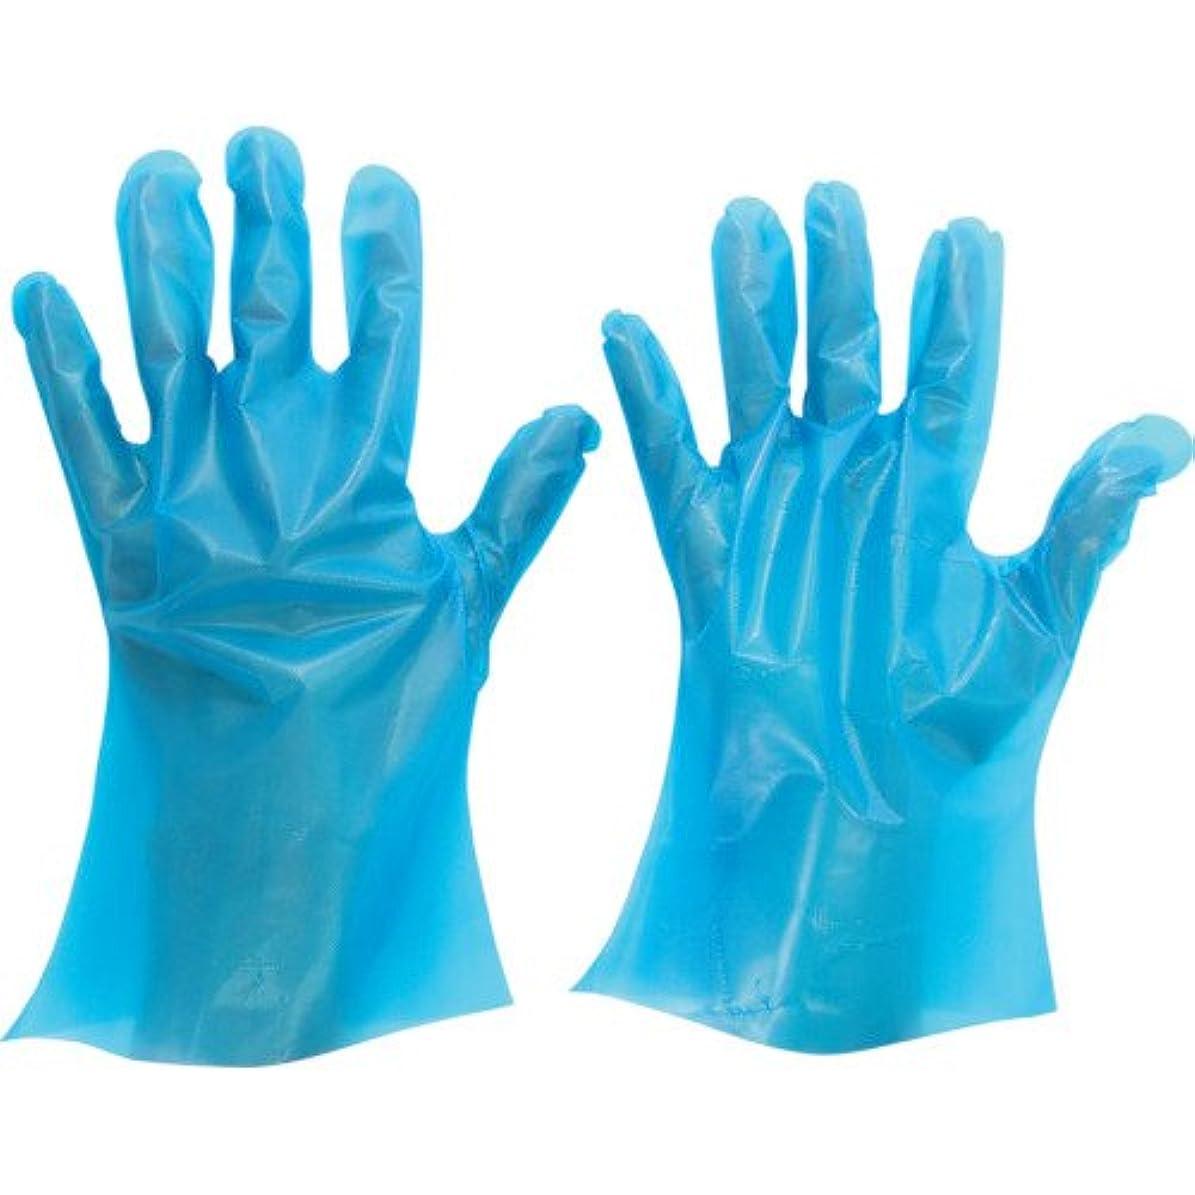 項目国歌物理学者ミドリ安全 ポリエチレン使い捨て手袋 厚手 外エンボス 200枚入 青 SS VERTE566NSS